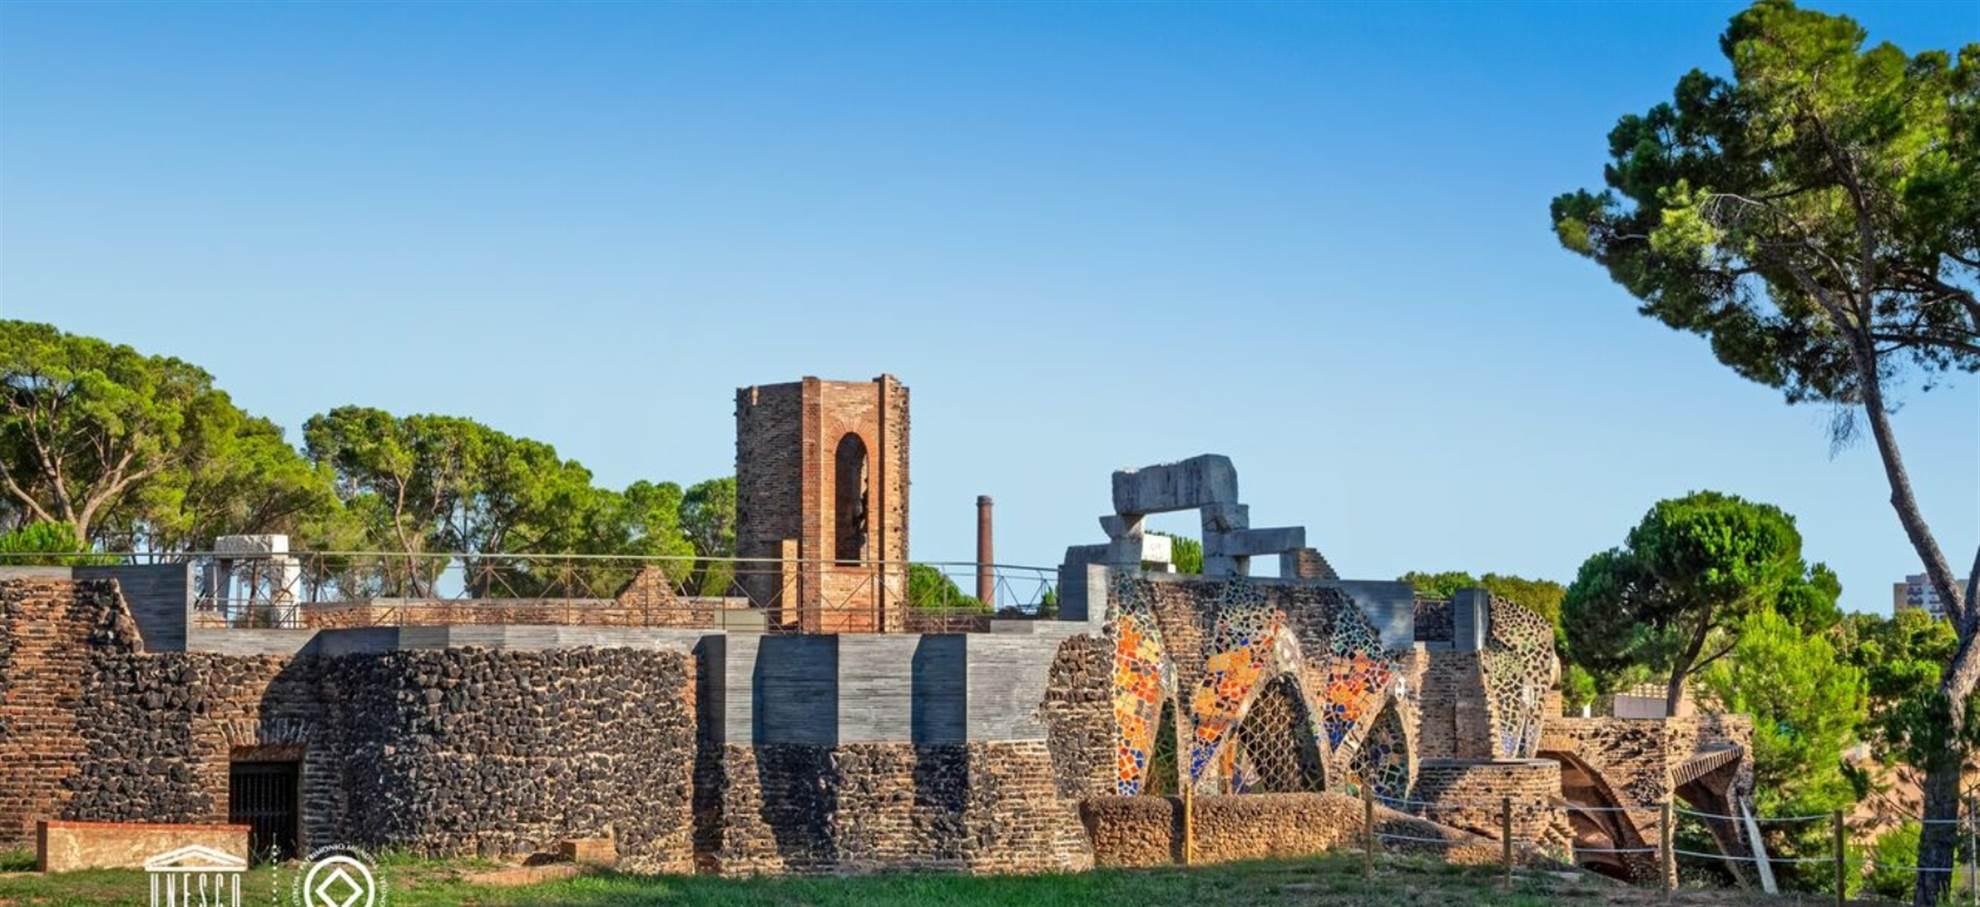 La Cripta di Gaudi nella Colonia Güell: visita + audioguida